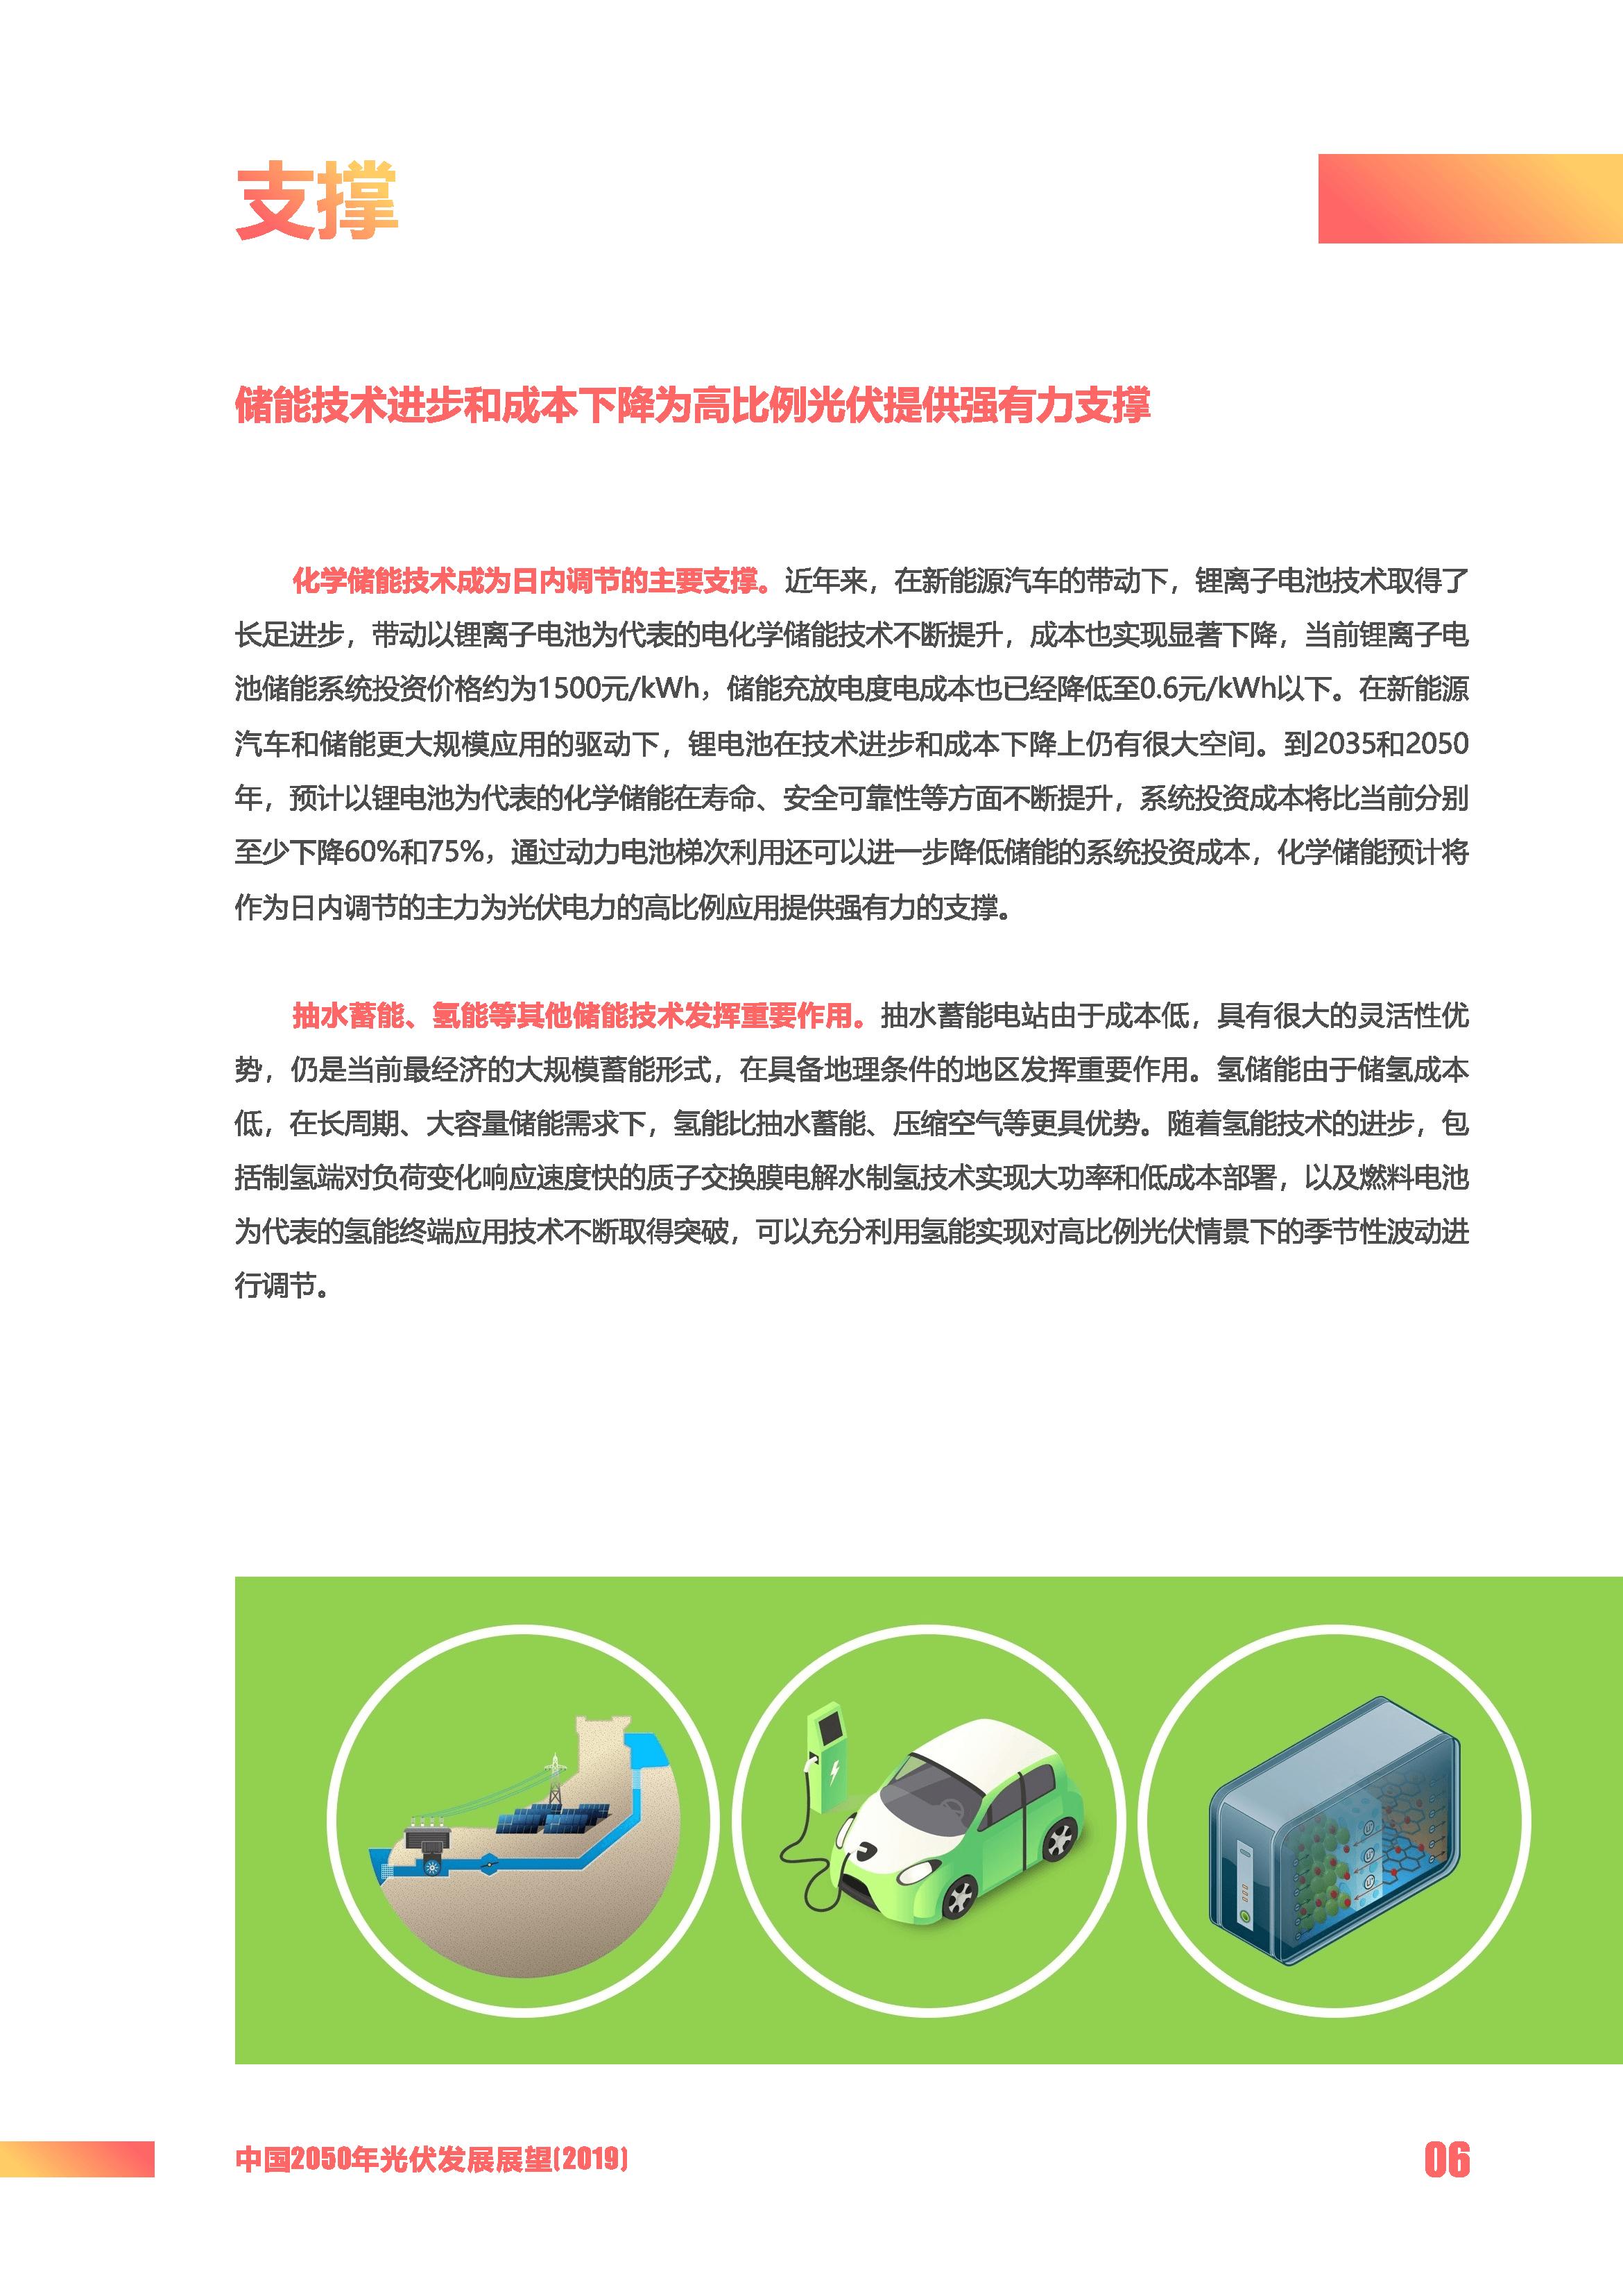 中国2050年光伏发展展望-2019_页面_09